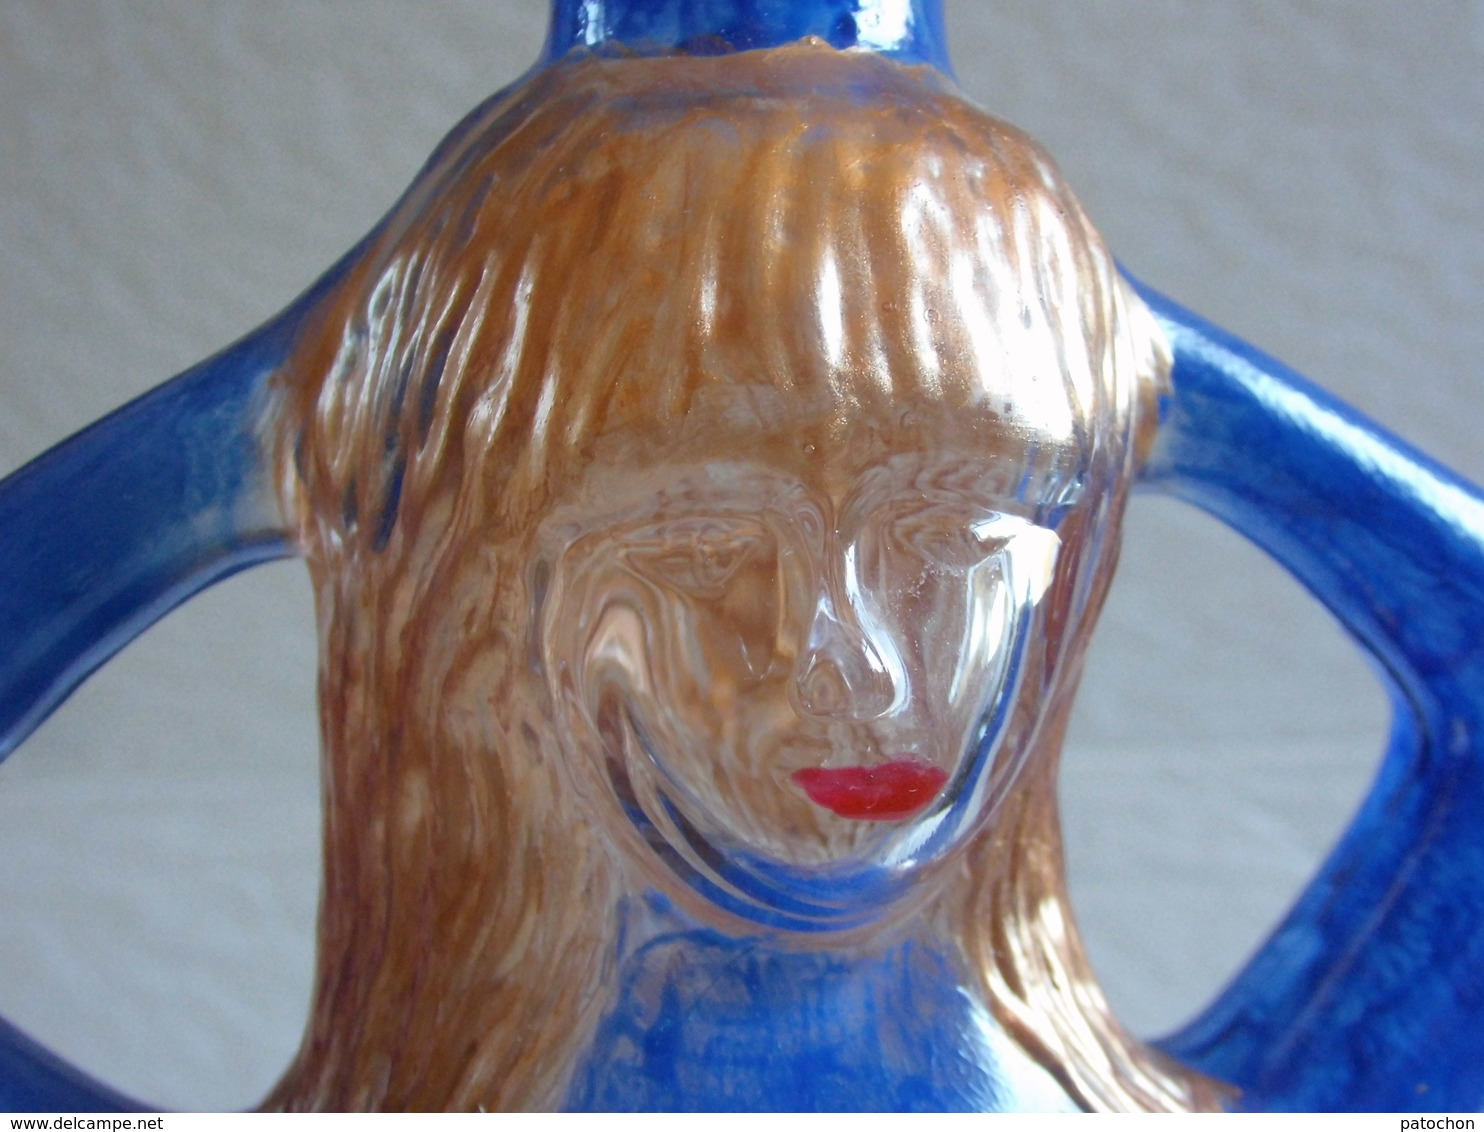 Bouteille Vide Erotique Alcool Espagne 1/2 Litre Peintures Pas D'origine. Hauteur Sans Bouchon 20,5cm. - Autres Bouteilles